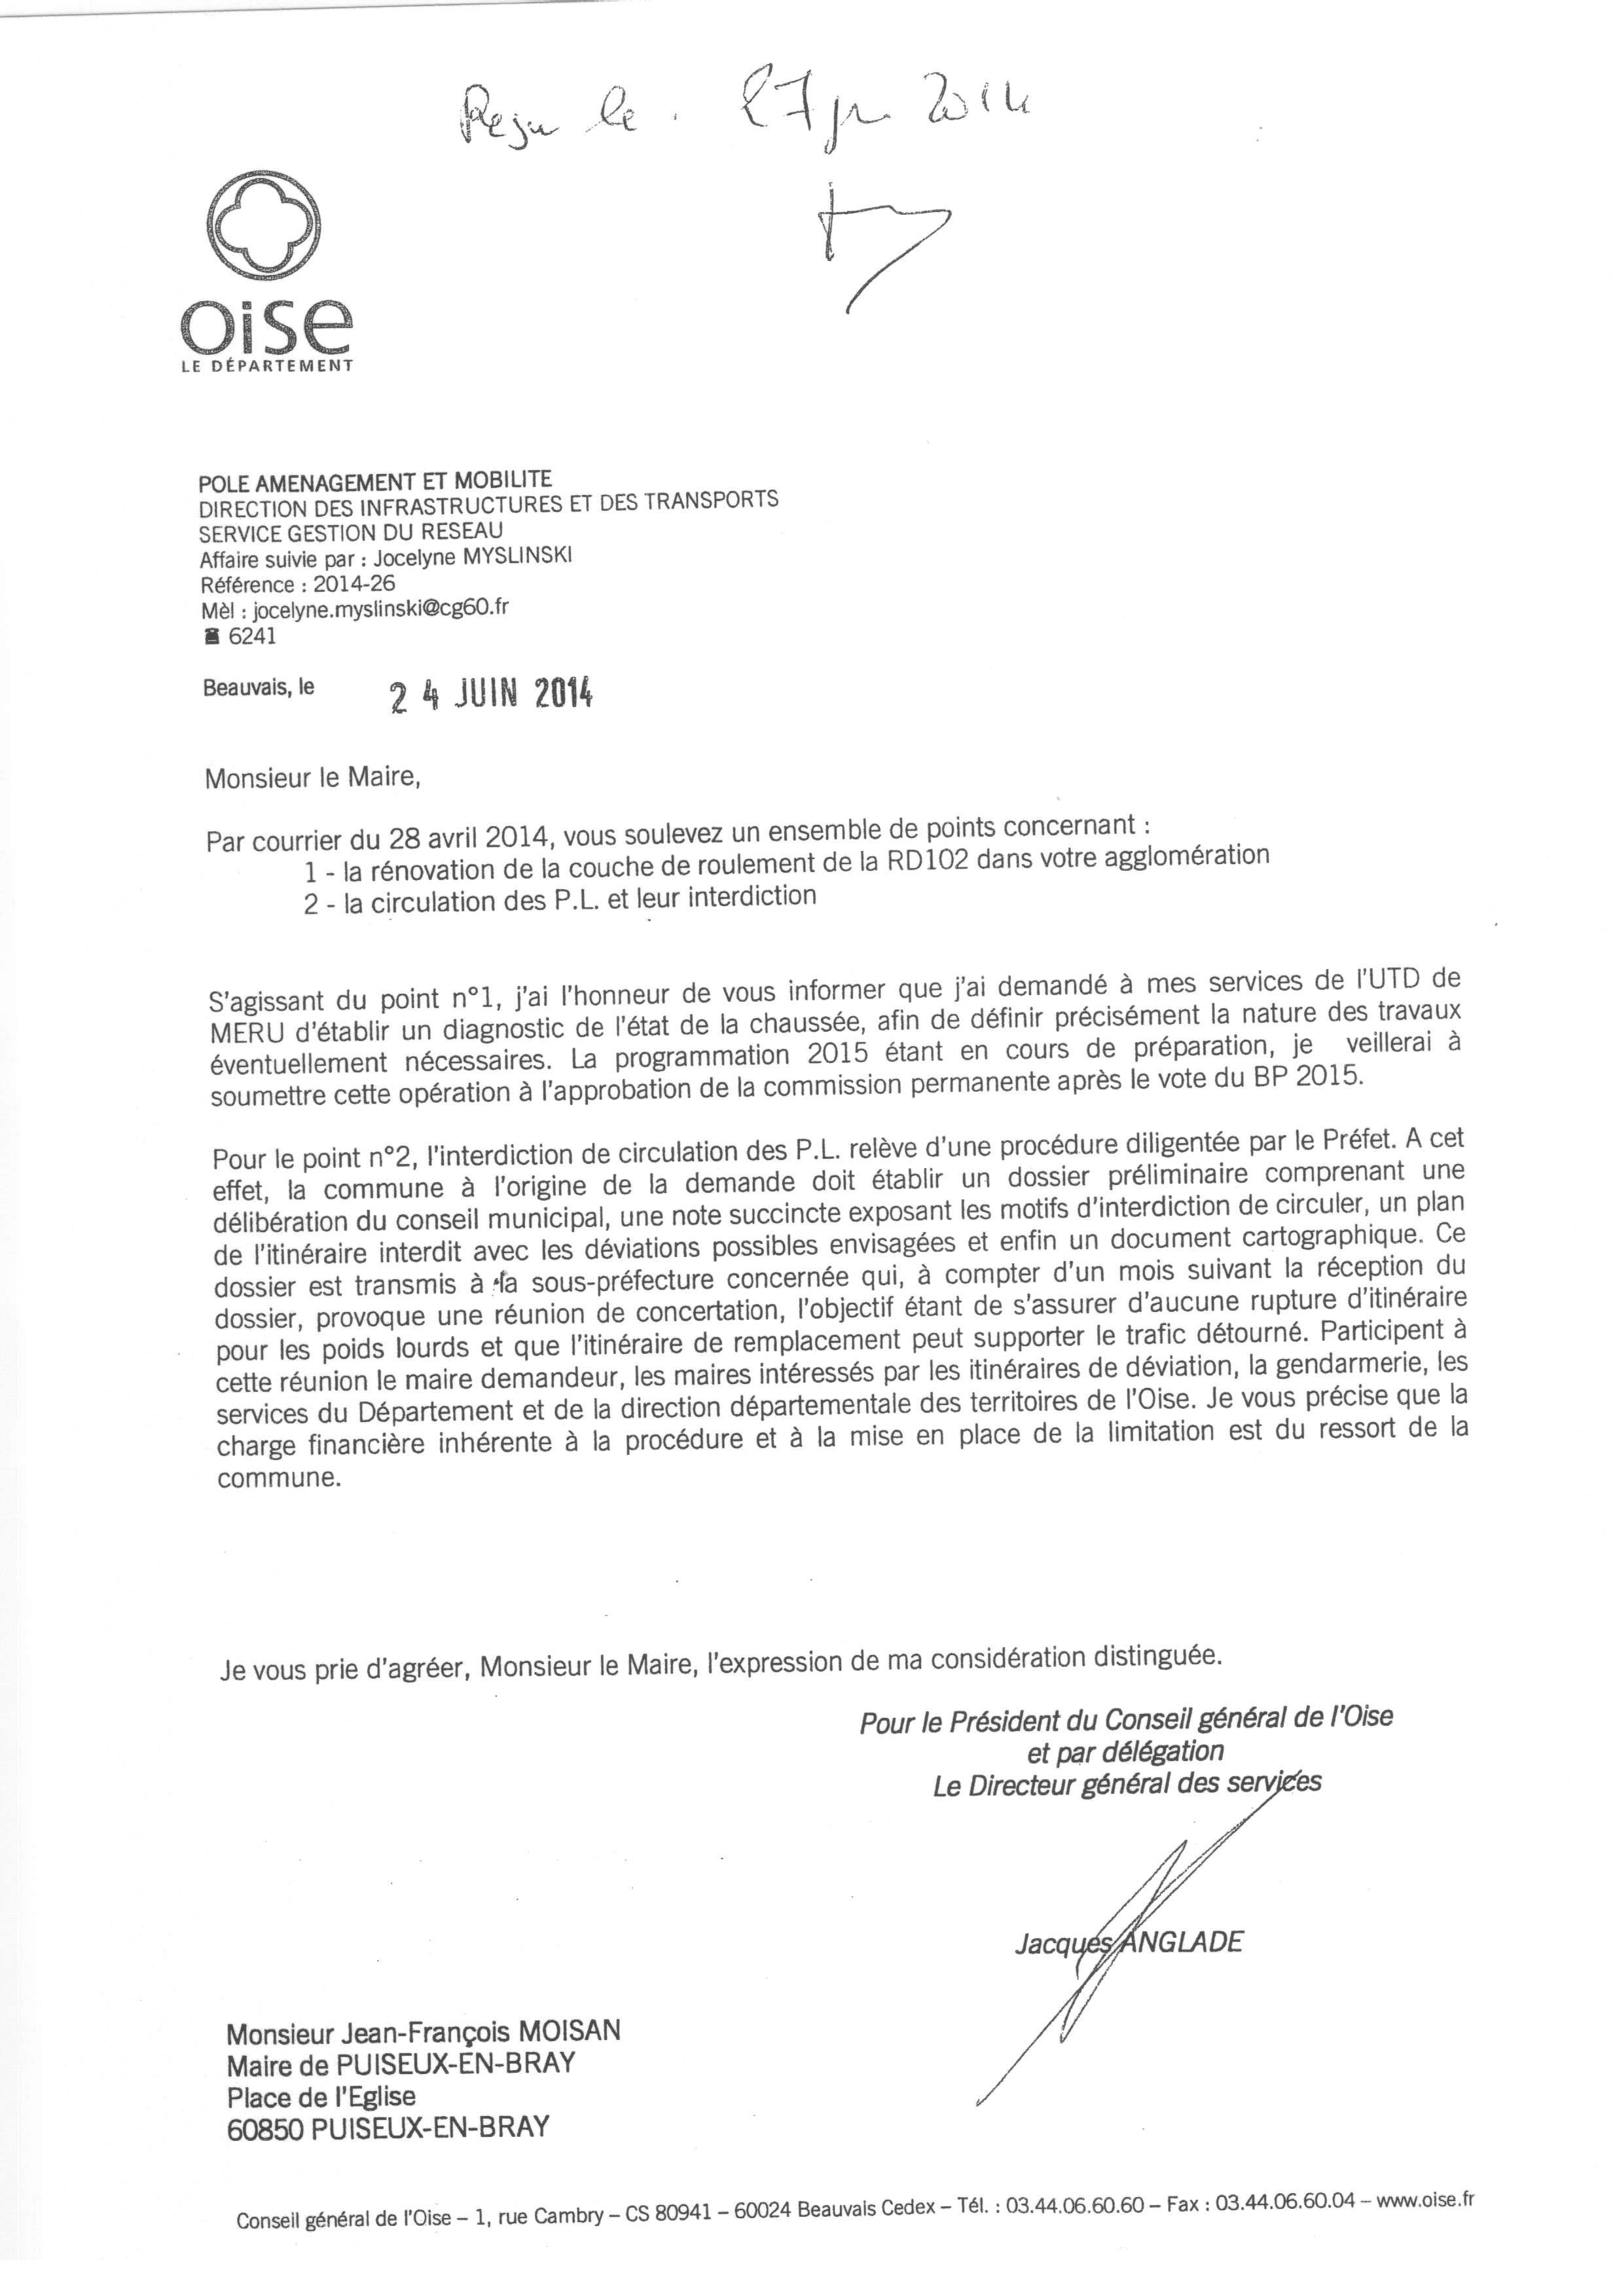 reponse-cg60-24062014